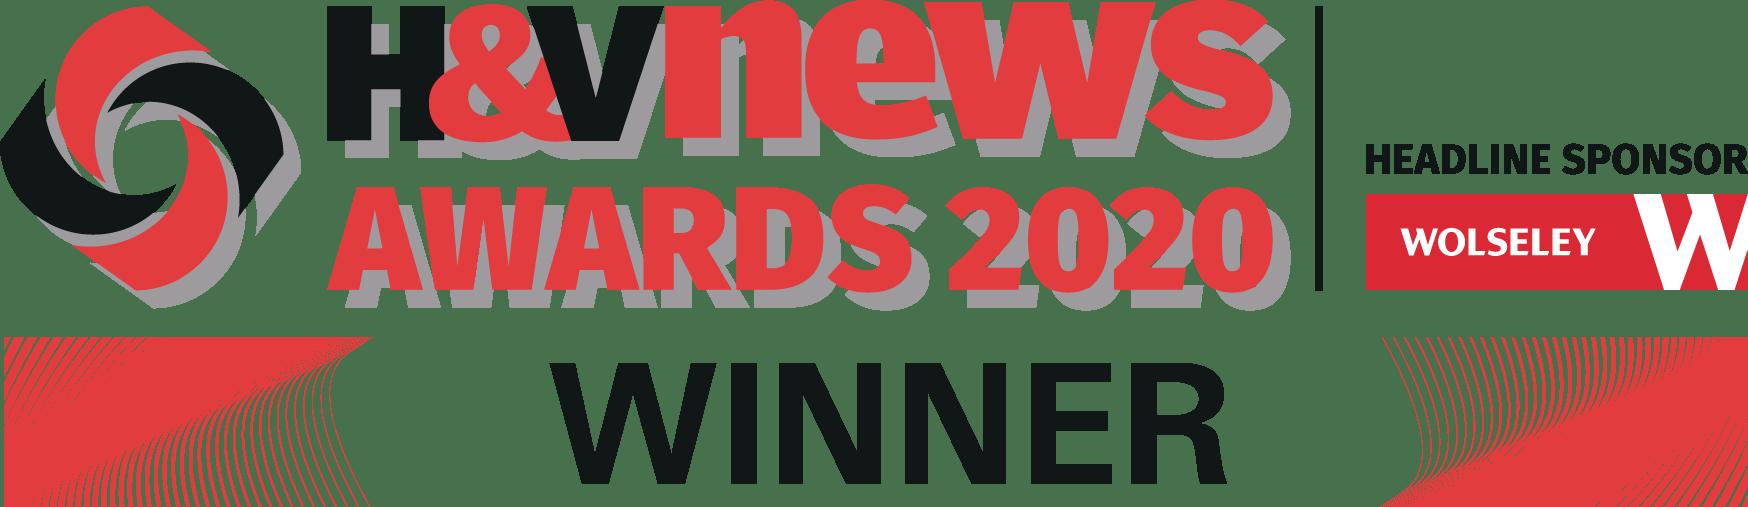 H&V News Awards 2020 Winner